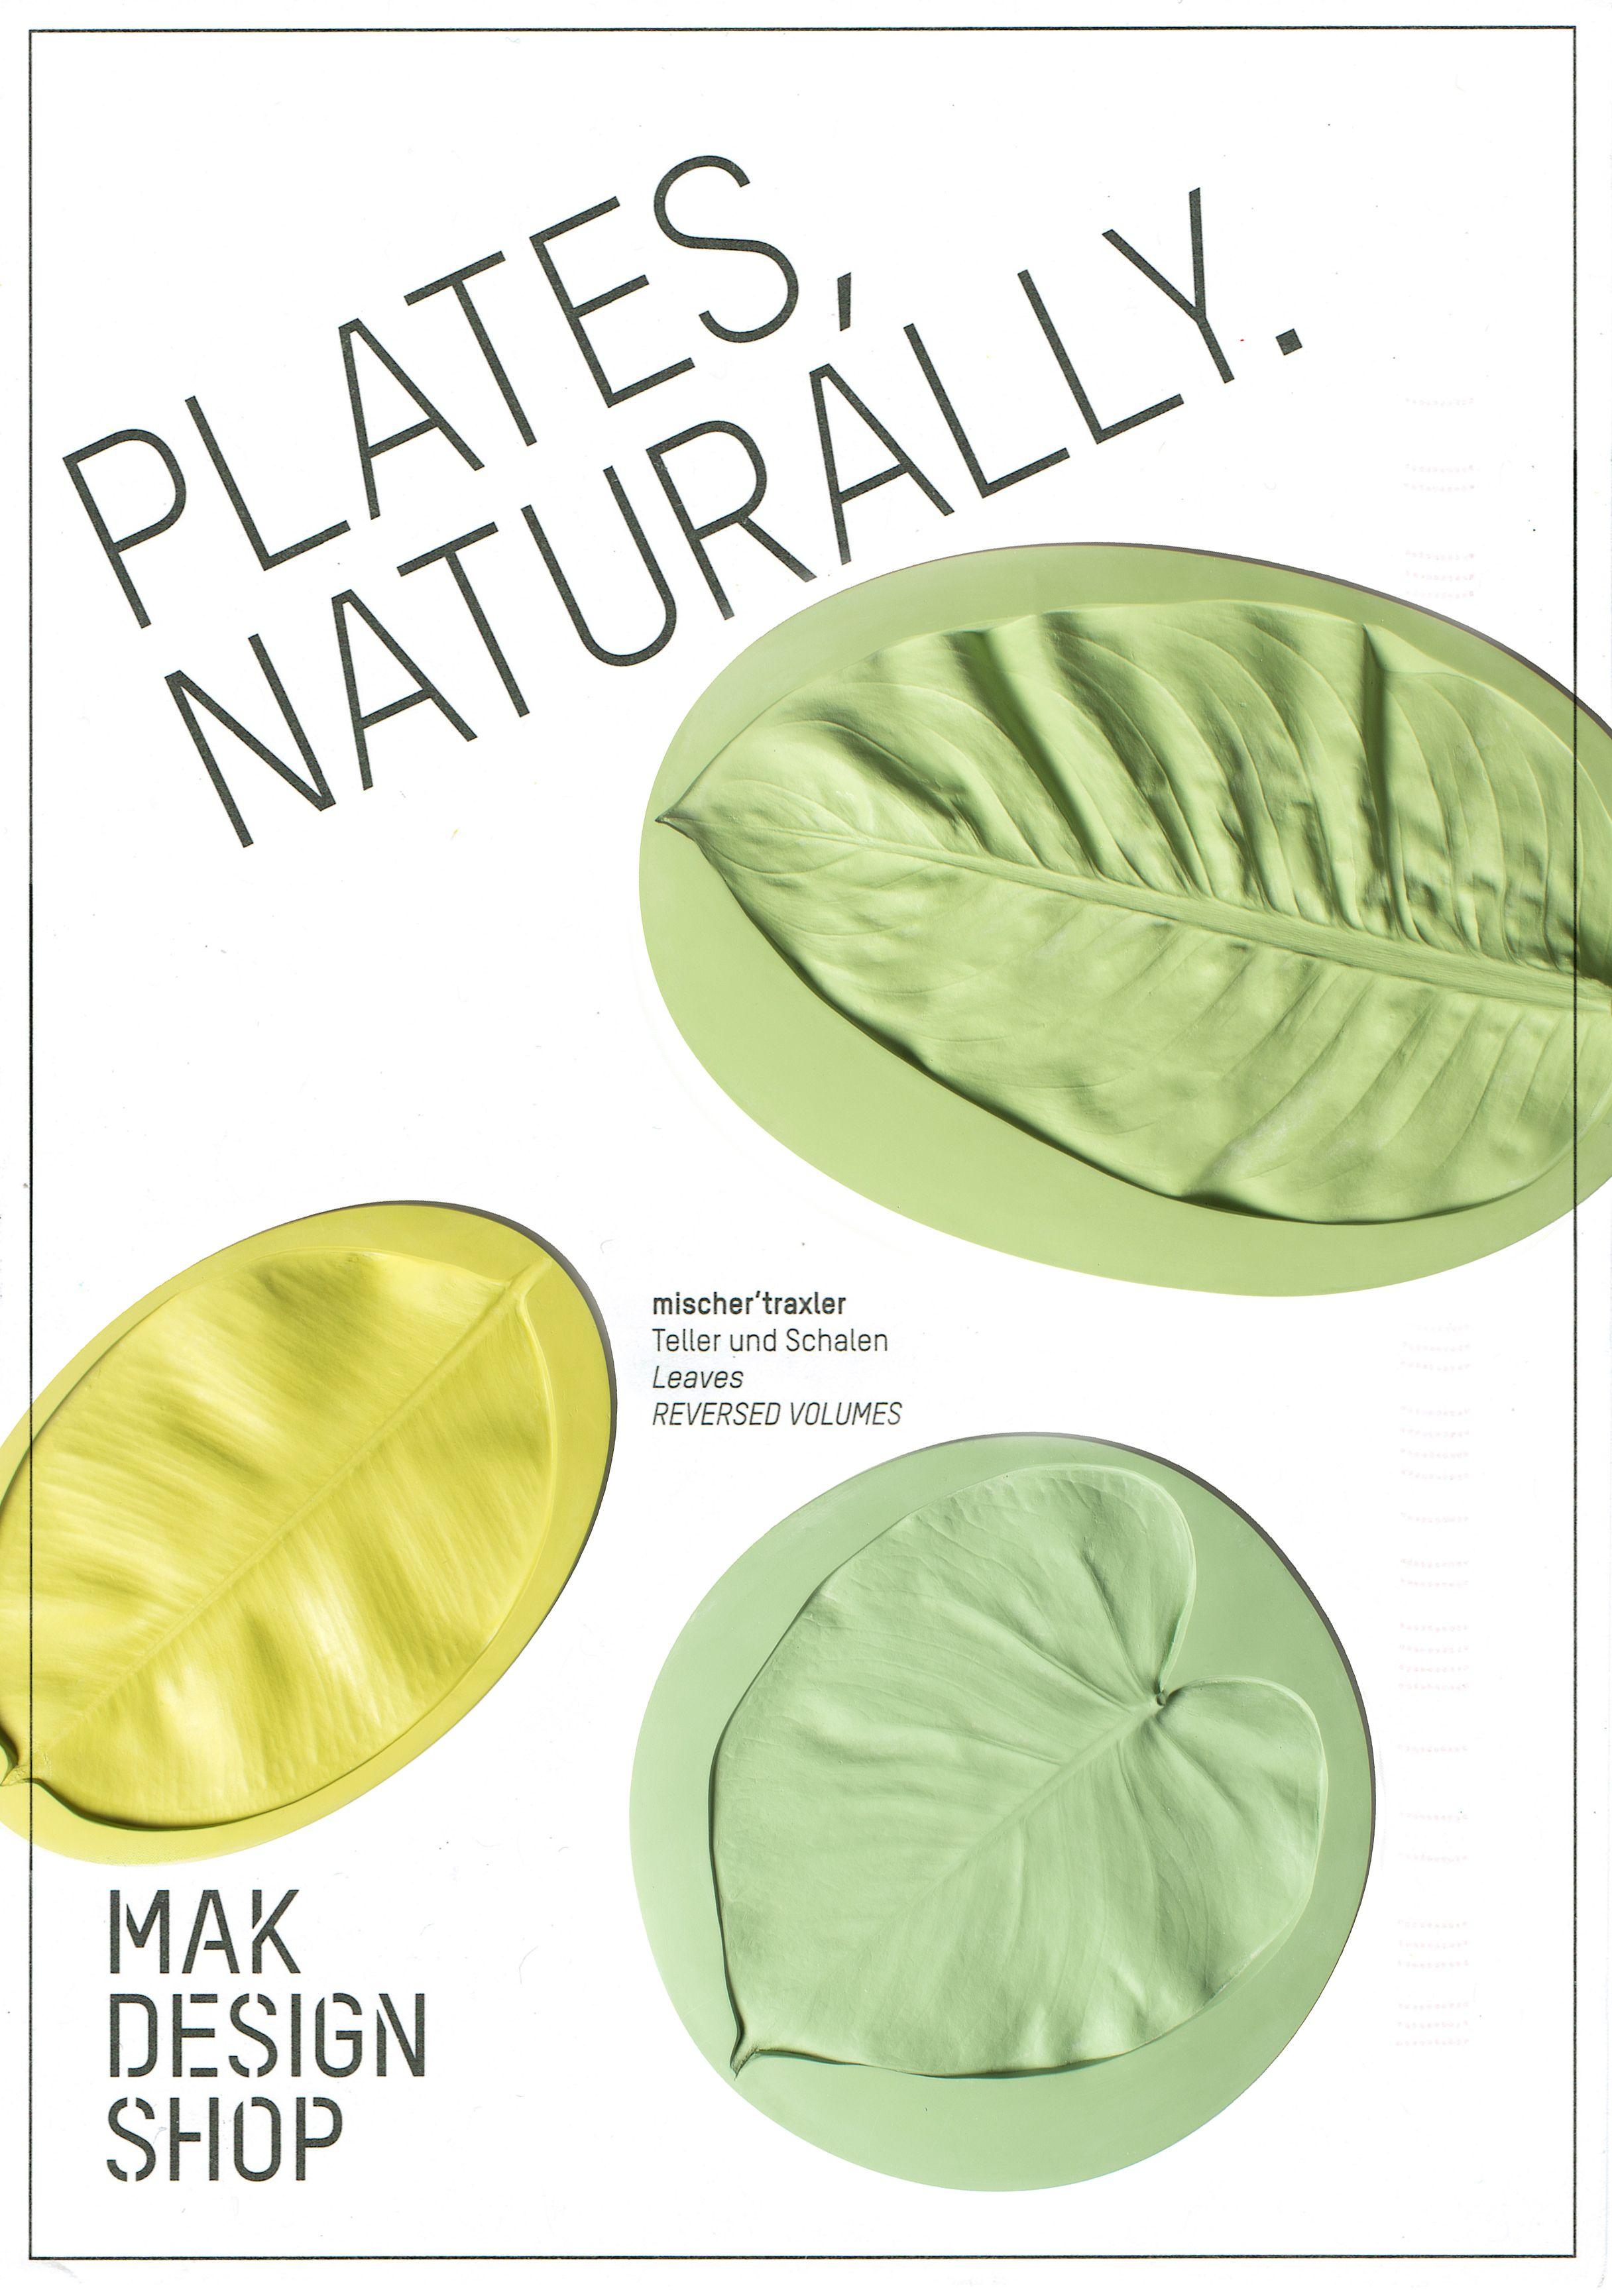 Postales de la tienda del museo MAK en Viena con las hojas de mischer´traxler.  -  Nice postcards from MAK Design Shop with mischer´traxler's reversed volumes leaves plates